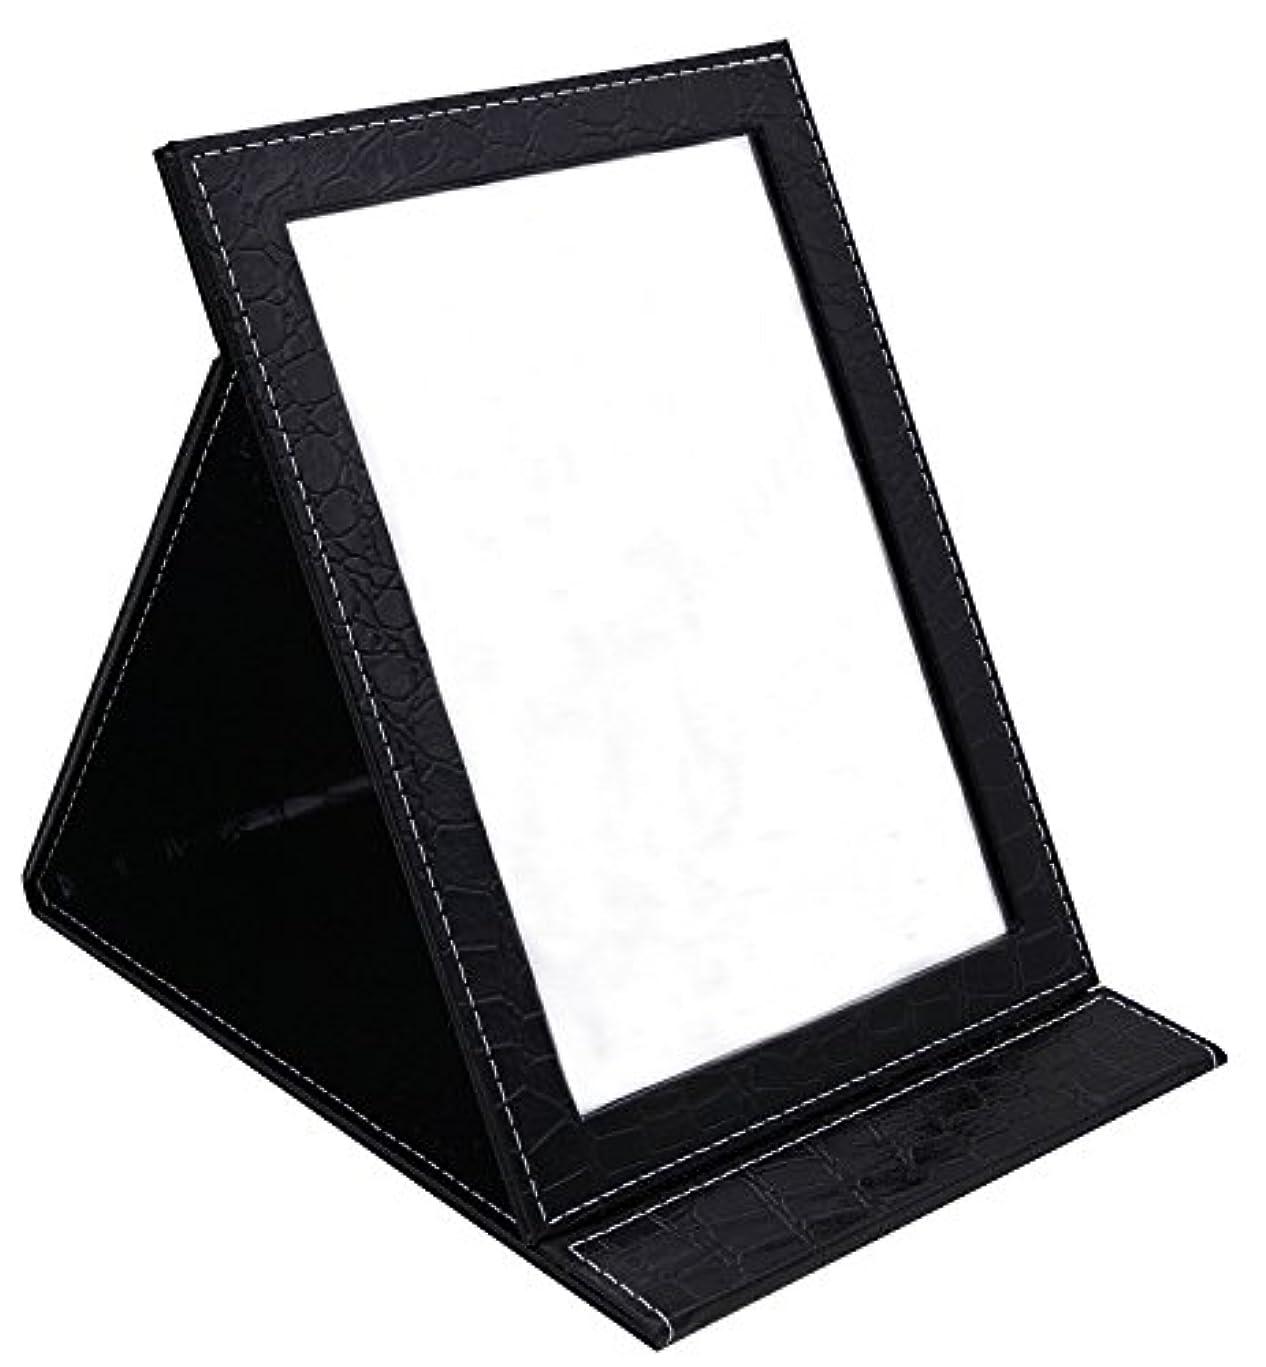 私たち急速なブリリアントHAPPY CY 化粧鏡 折りたたみ式鏡 スタンドミラー 卓上スタンドミラー  携帯 鏡 クロコ柄 プレゼント  上質PUレザー使用